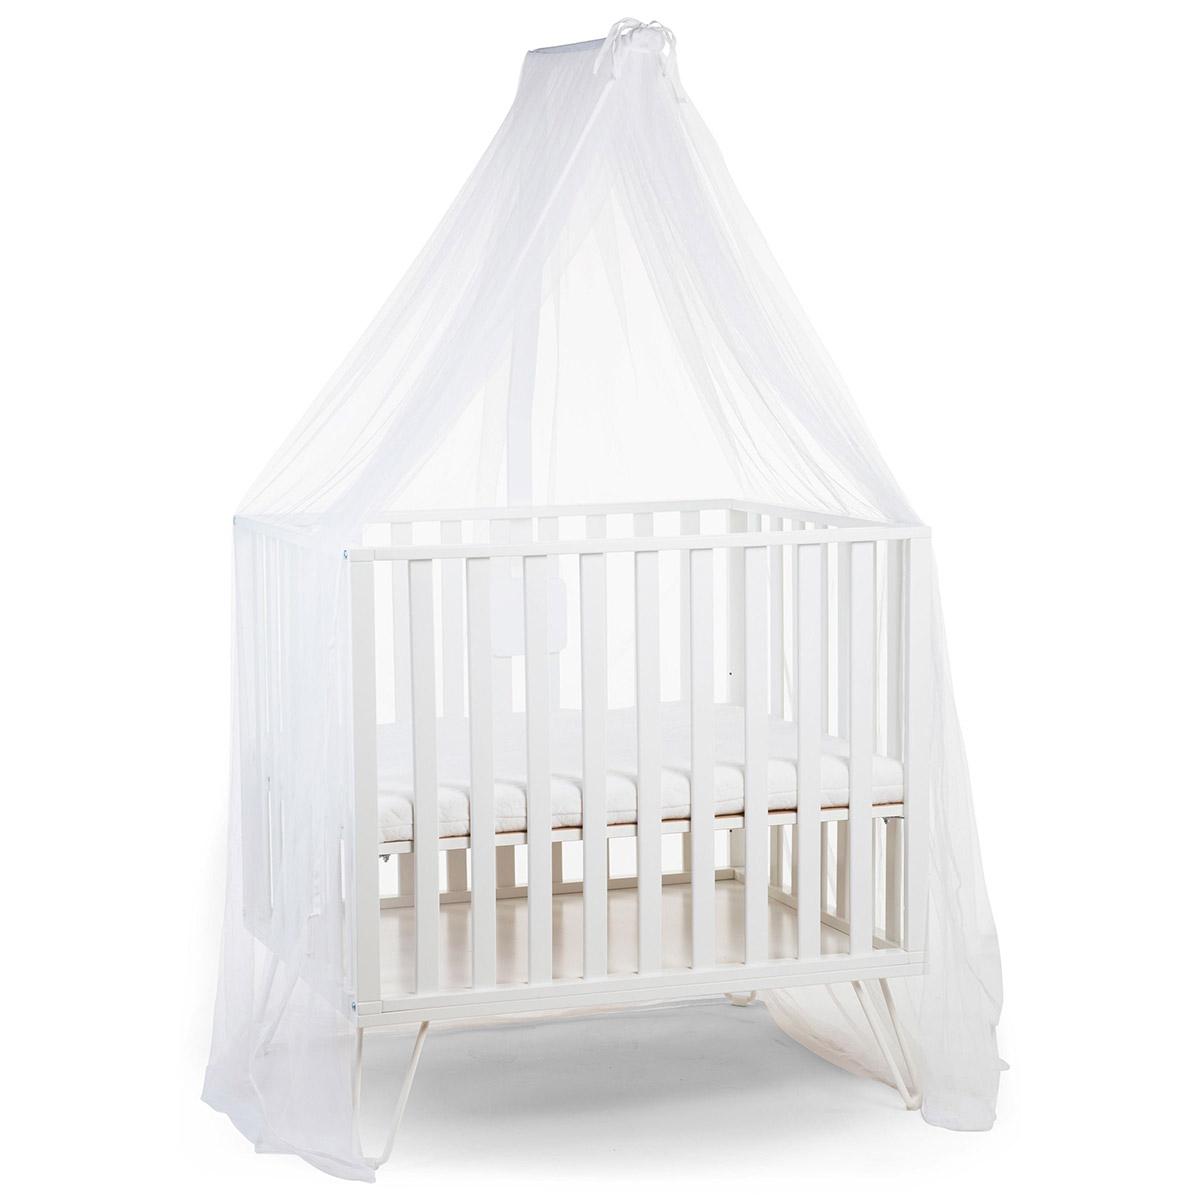 Κουνουπιέρα Κούνιας + Βάση ChildHome White BR72368